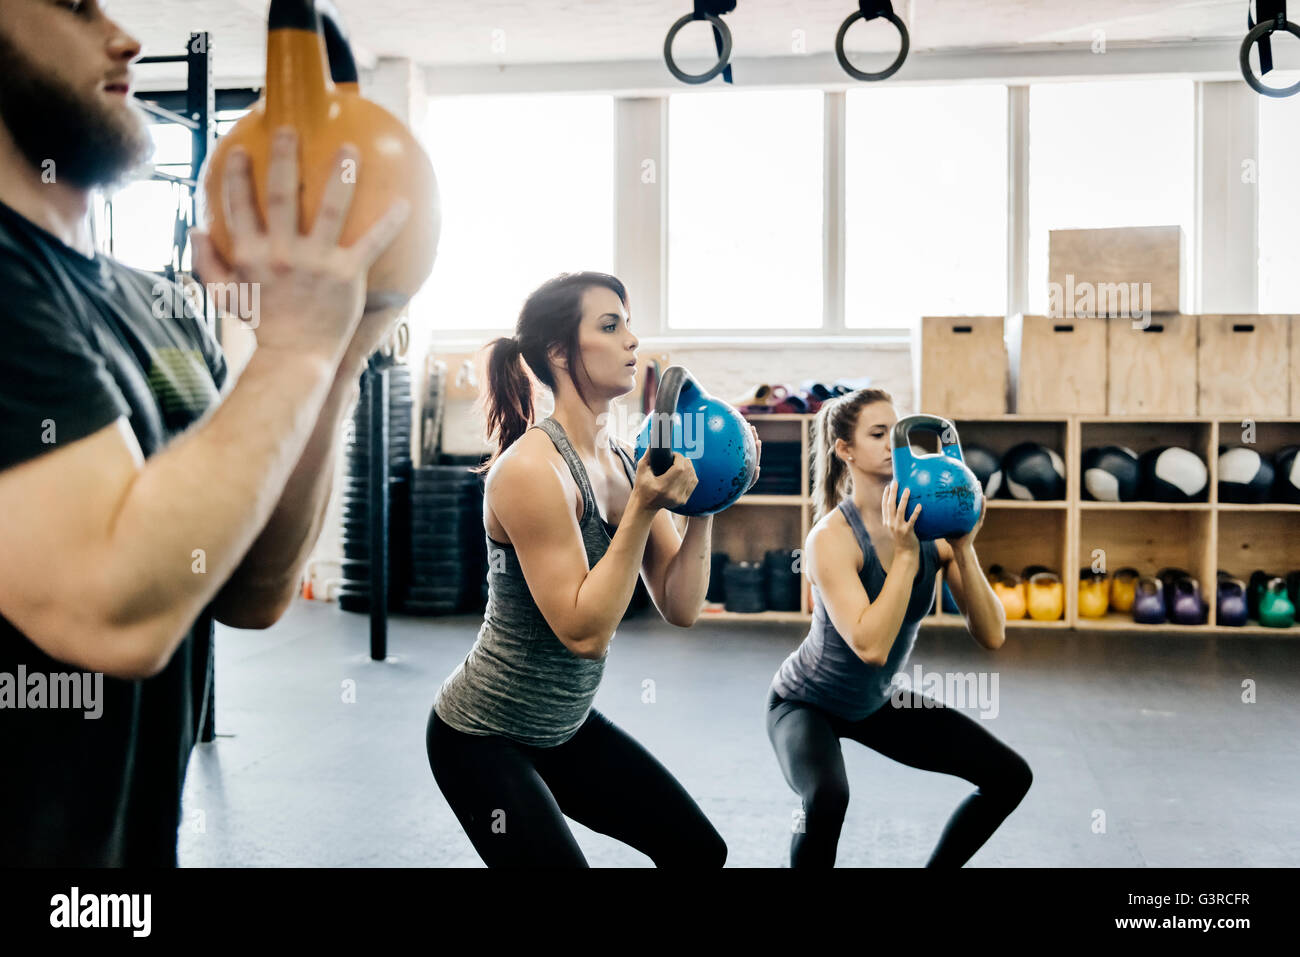 Alemania, hombre y mujeres jóvenes un entrenamiento con kettlebells en gimnasio Foto de stock